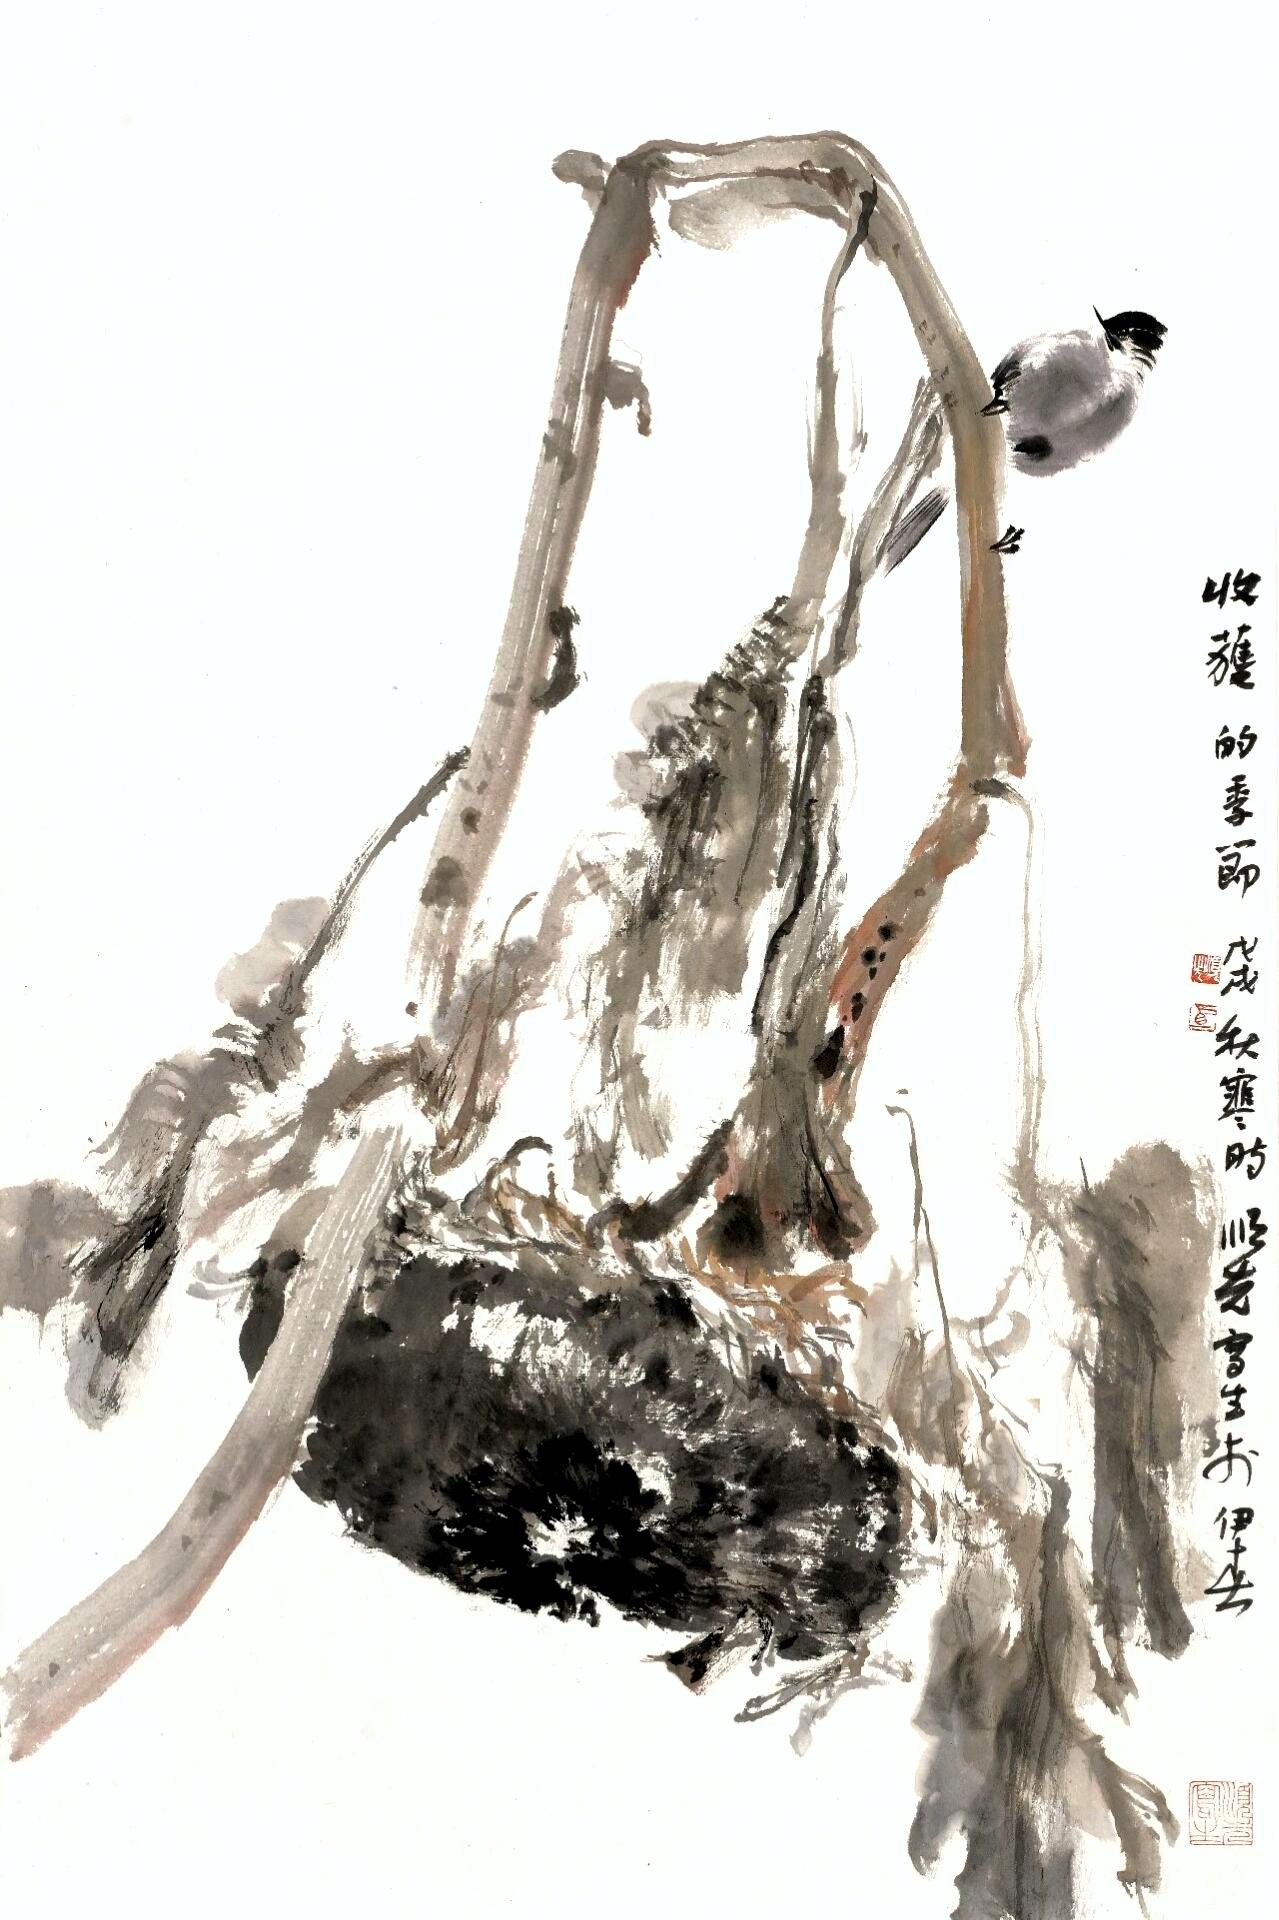 Brush painting by Shunxian Ma